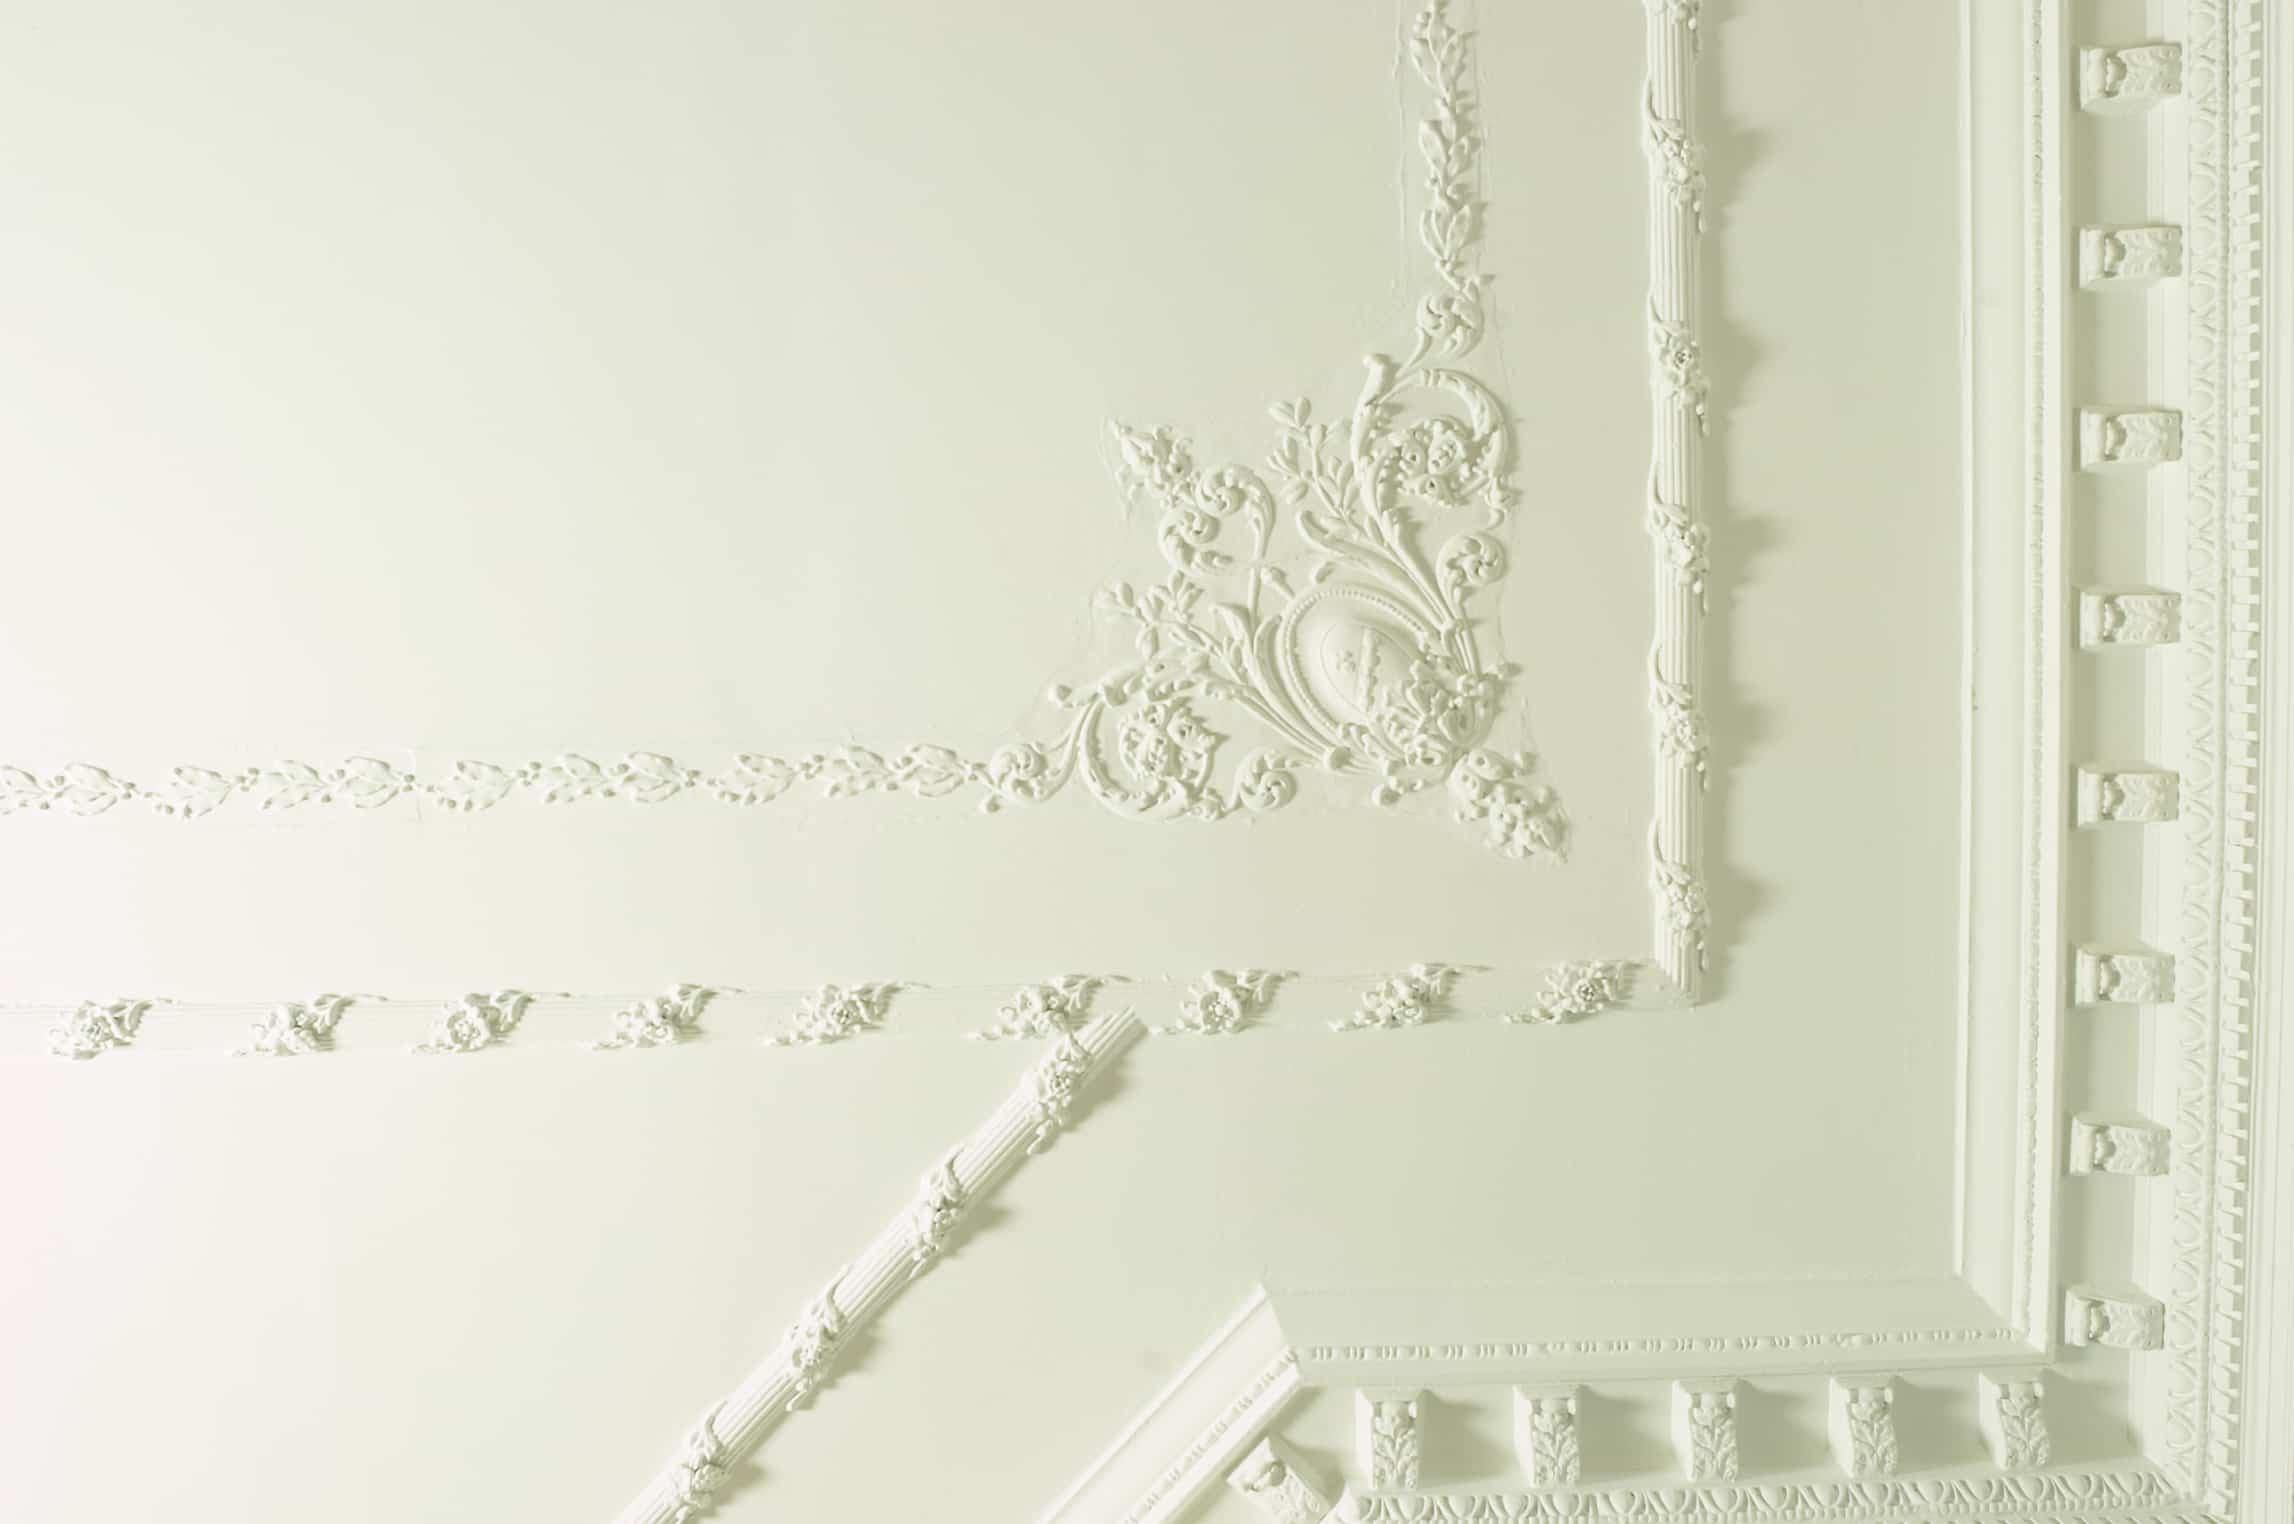 Molduras de yeso para techos y paredes da car cter a tu for Techo de escayola decoracion simple